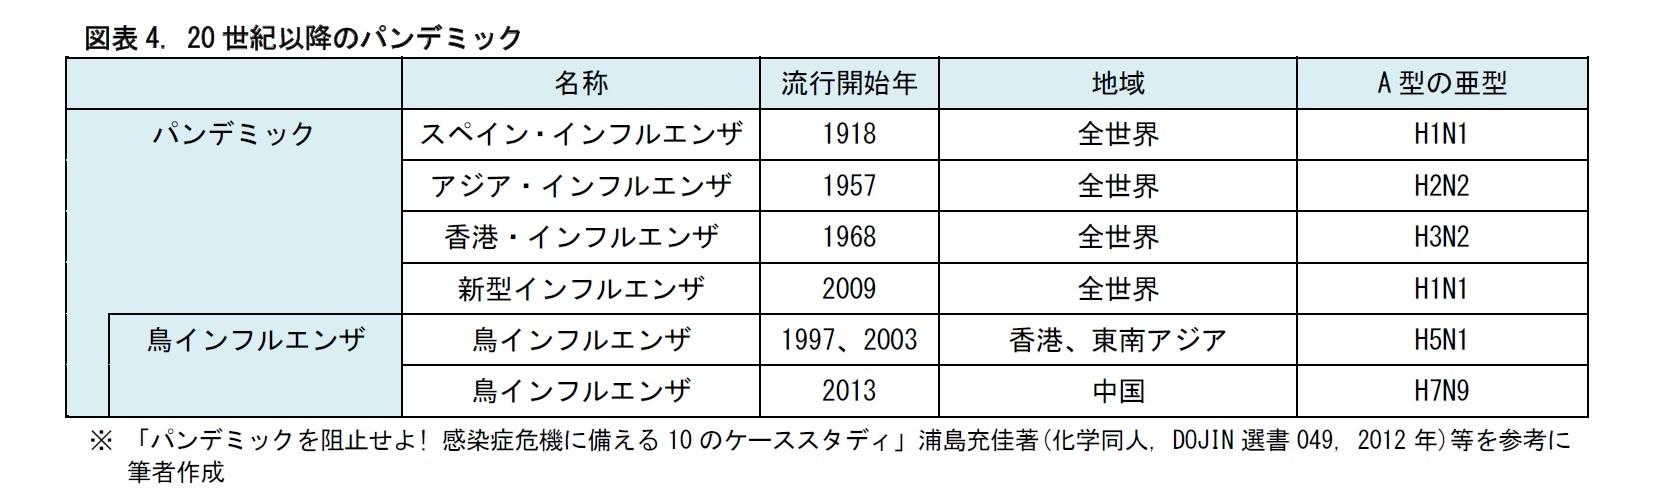 図表4. 20世紀以降のパンデミック